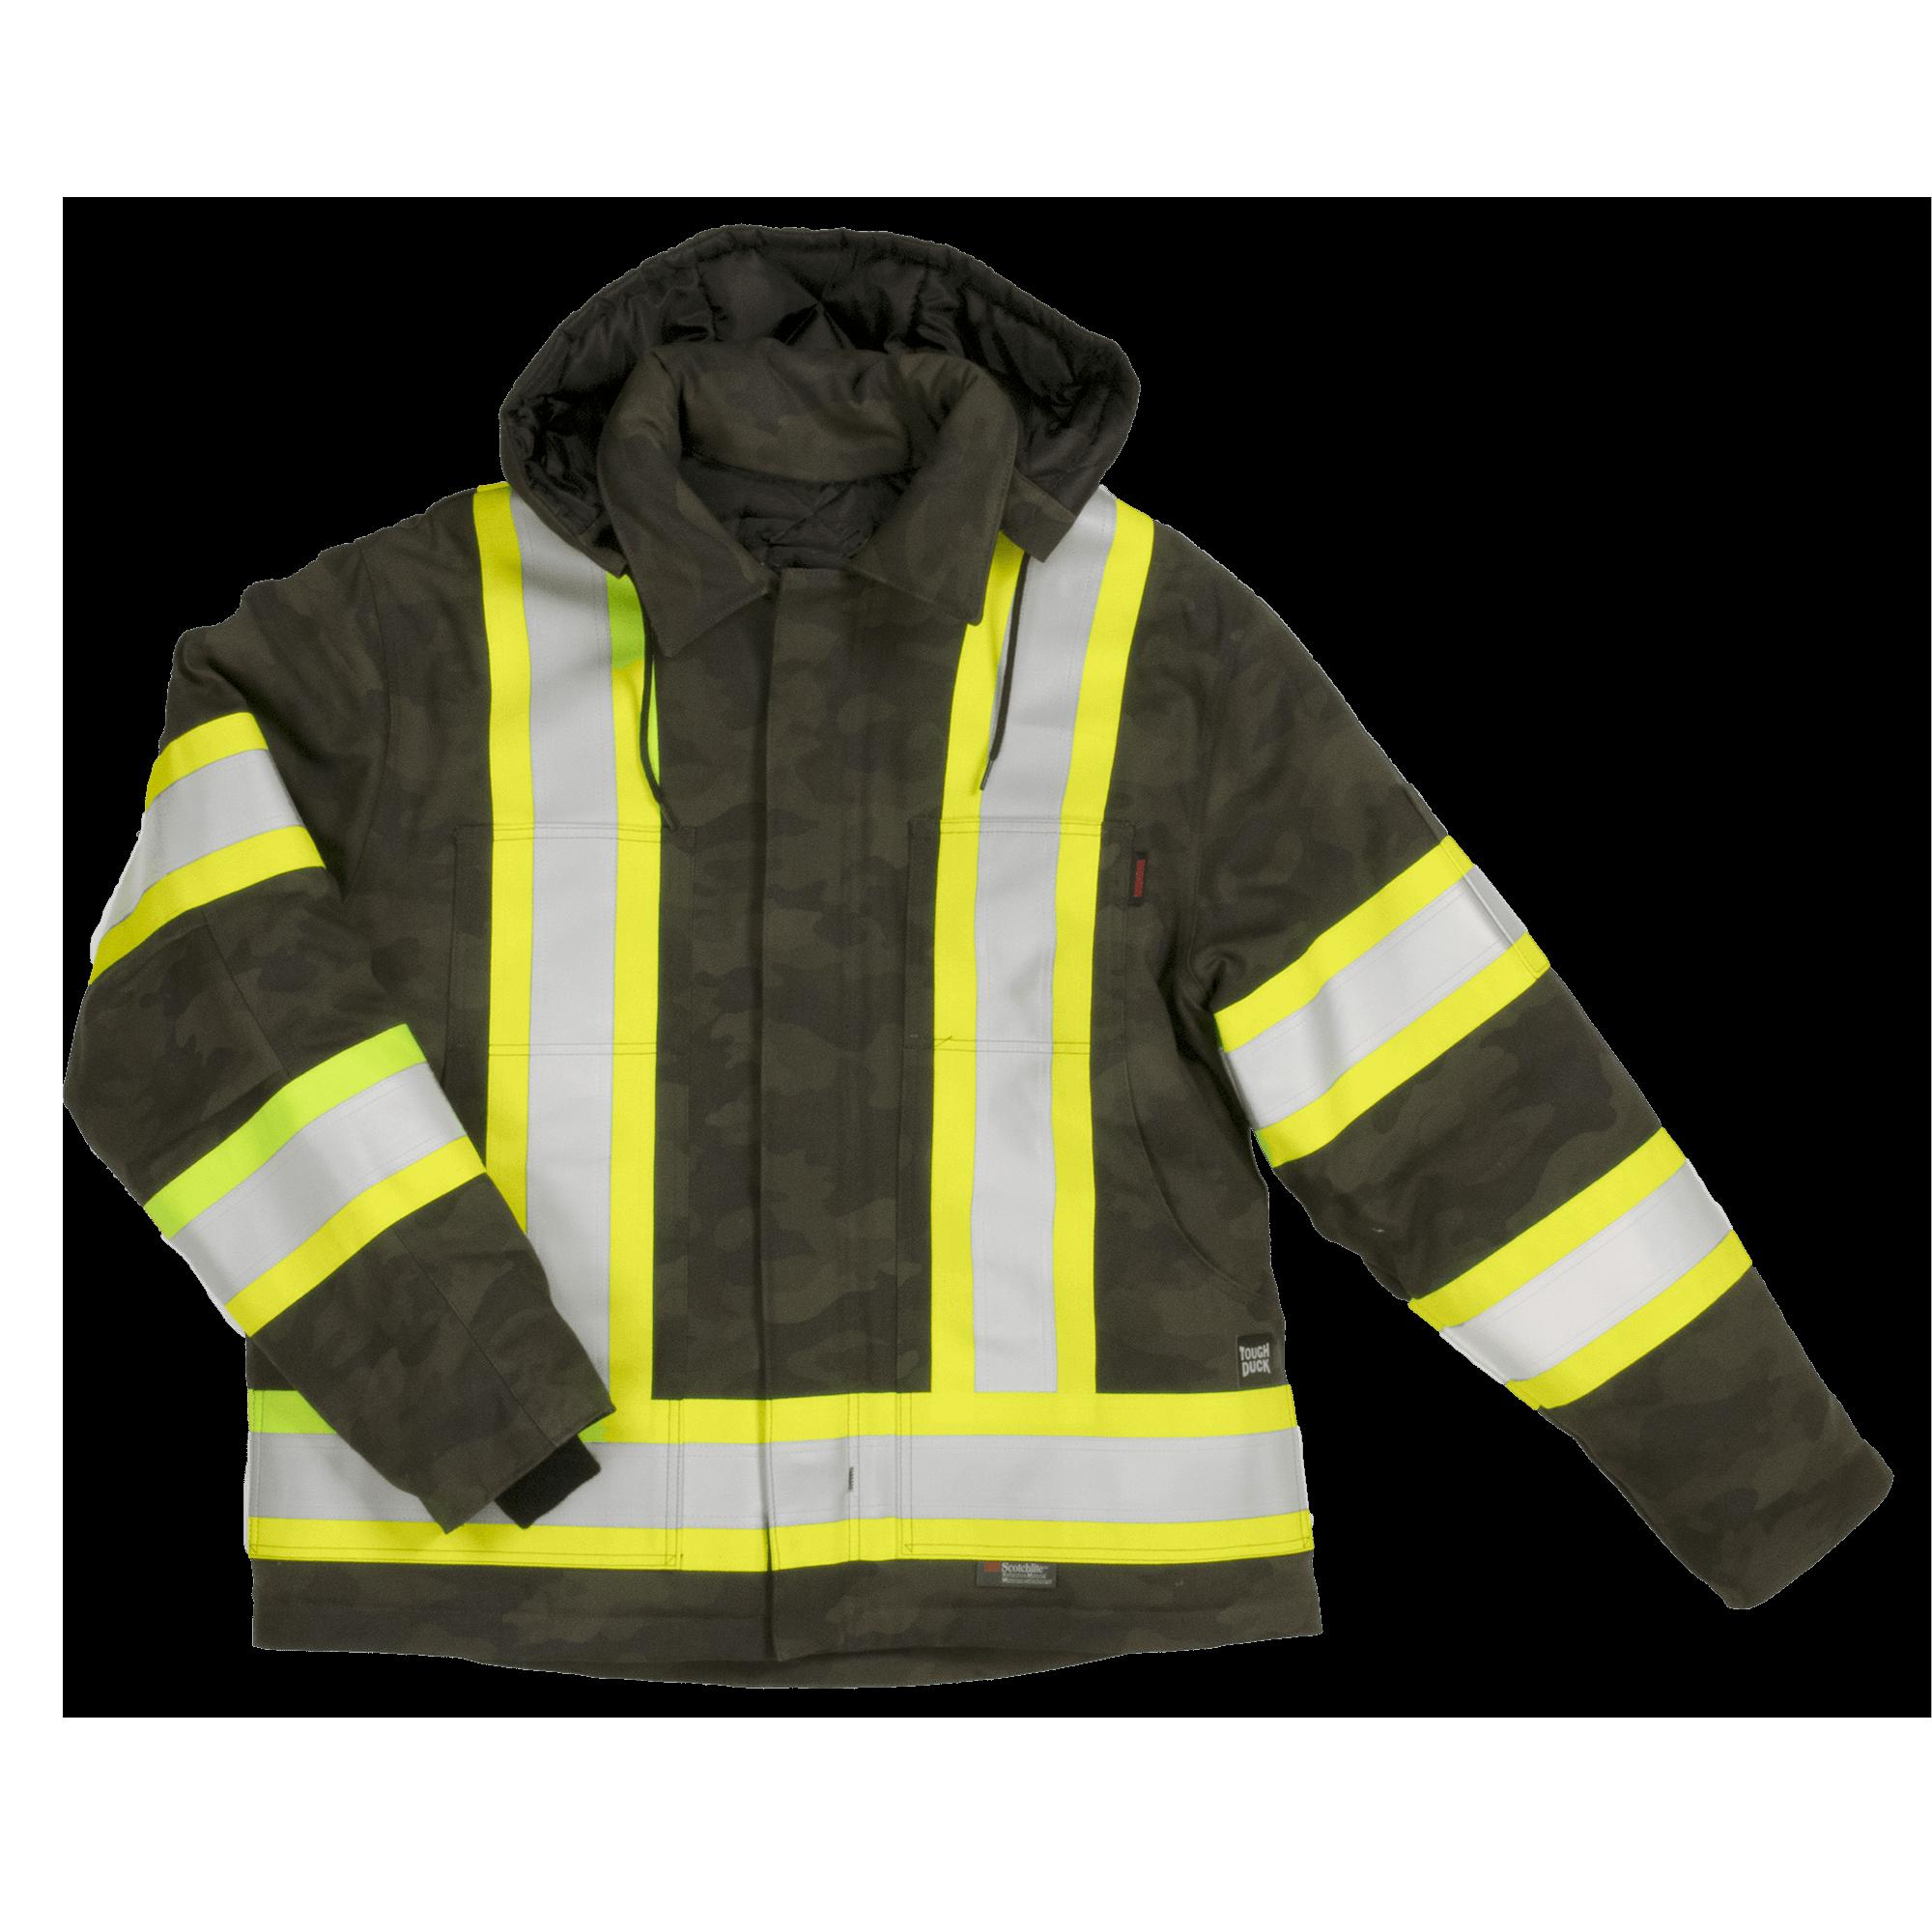 https://0901.nccdn.net/4_2/000/000/008/486/sj33-camo-f-camo-flex-duck-safety-jacket-camo-front-2.png